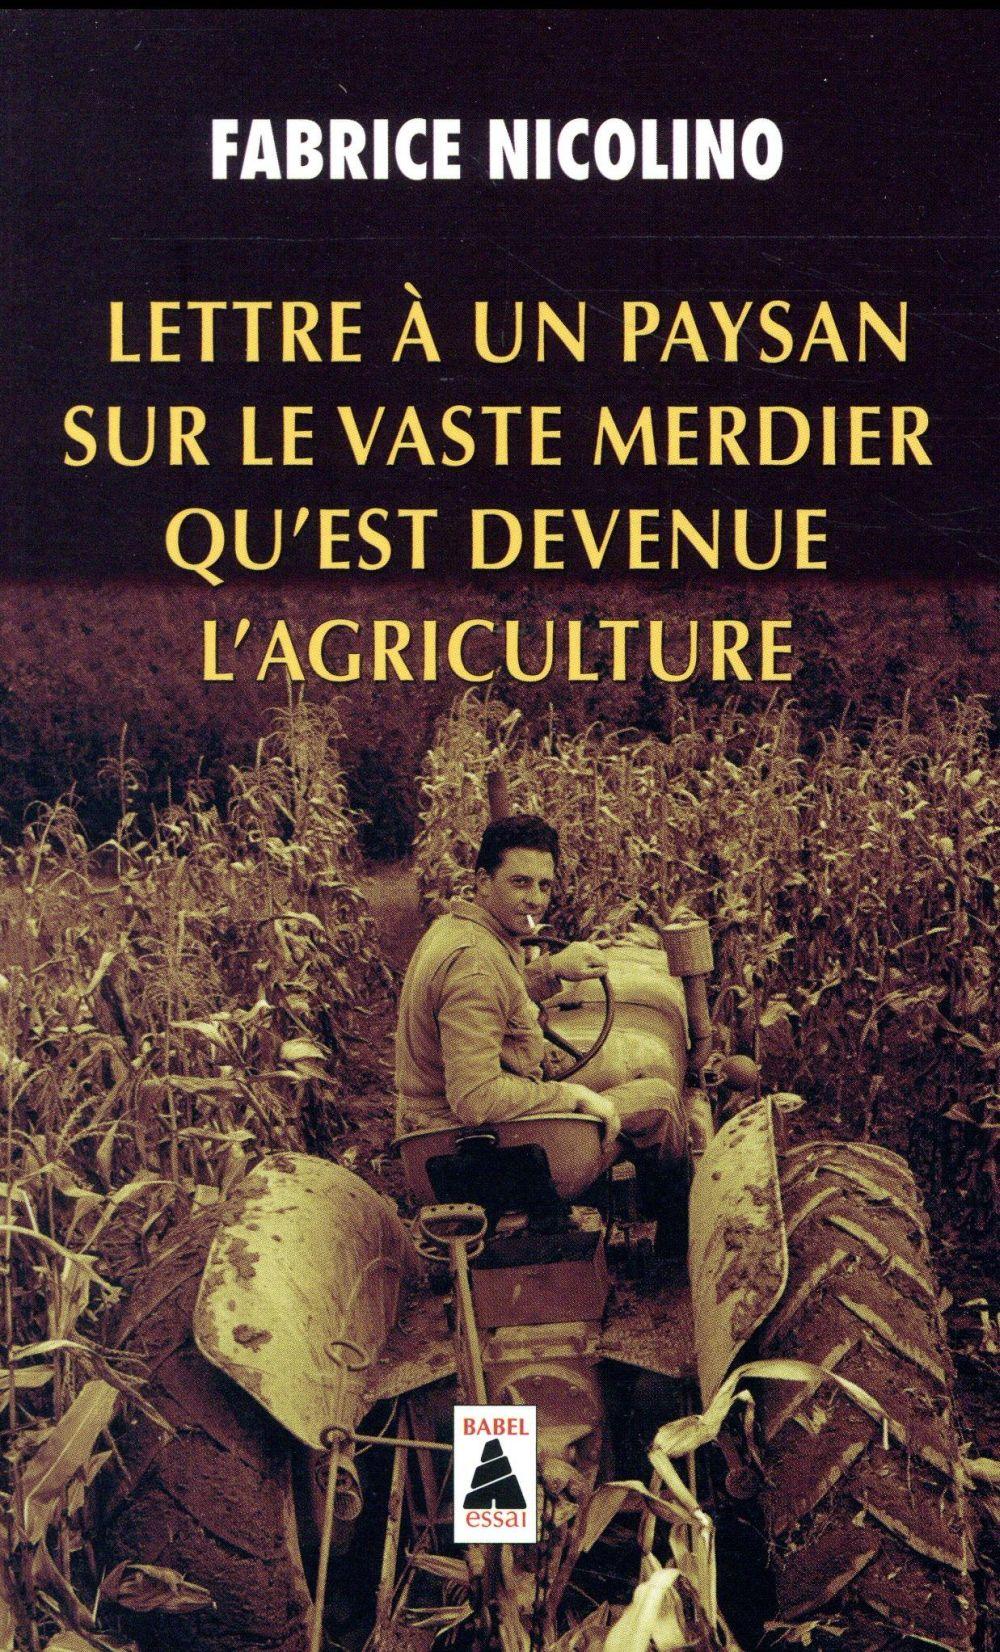 LETTRE A UN PAYSAN SUR LE VASTE MERDIER QU'EST DEVENUE L'AGRICULTURE (BABEL)